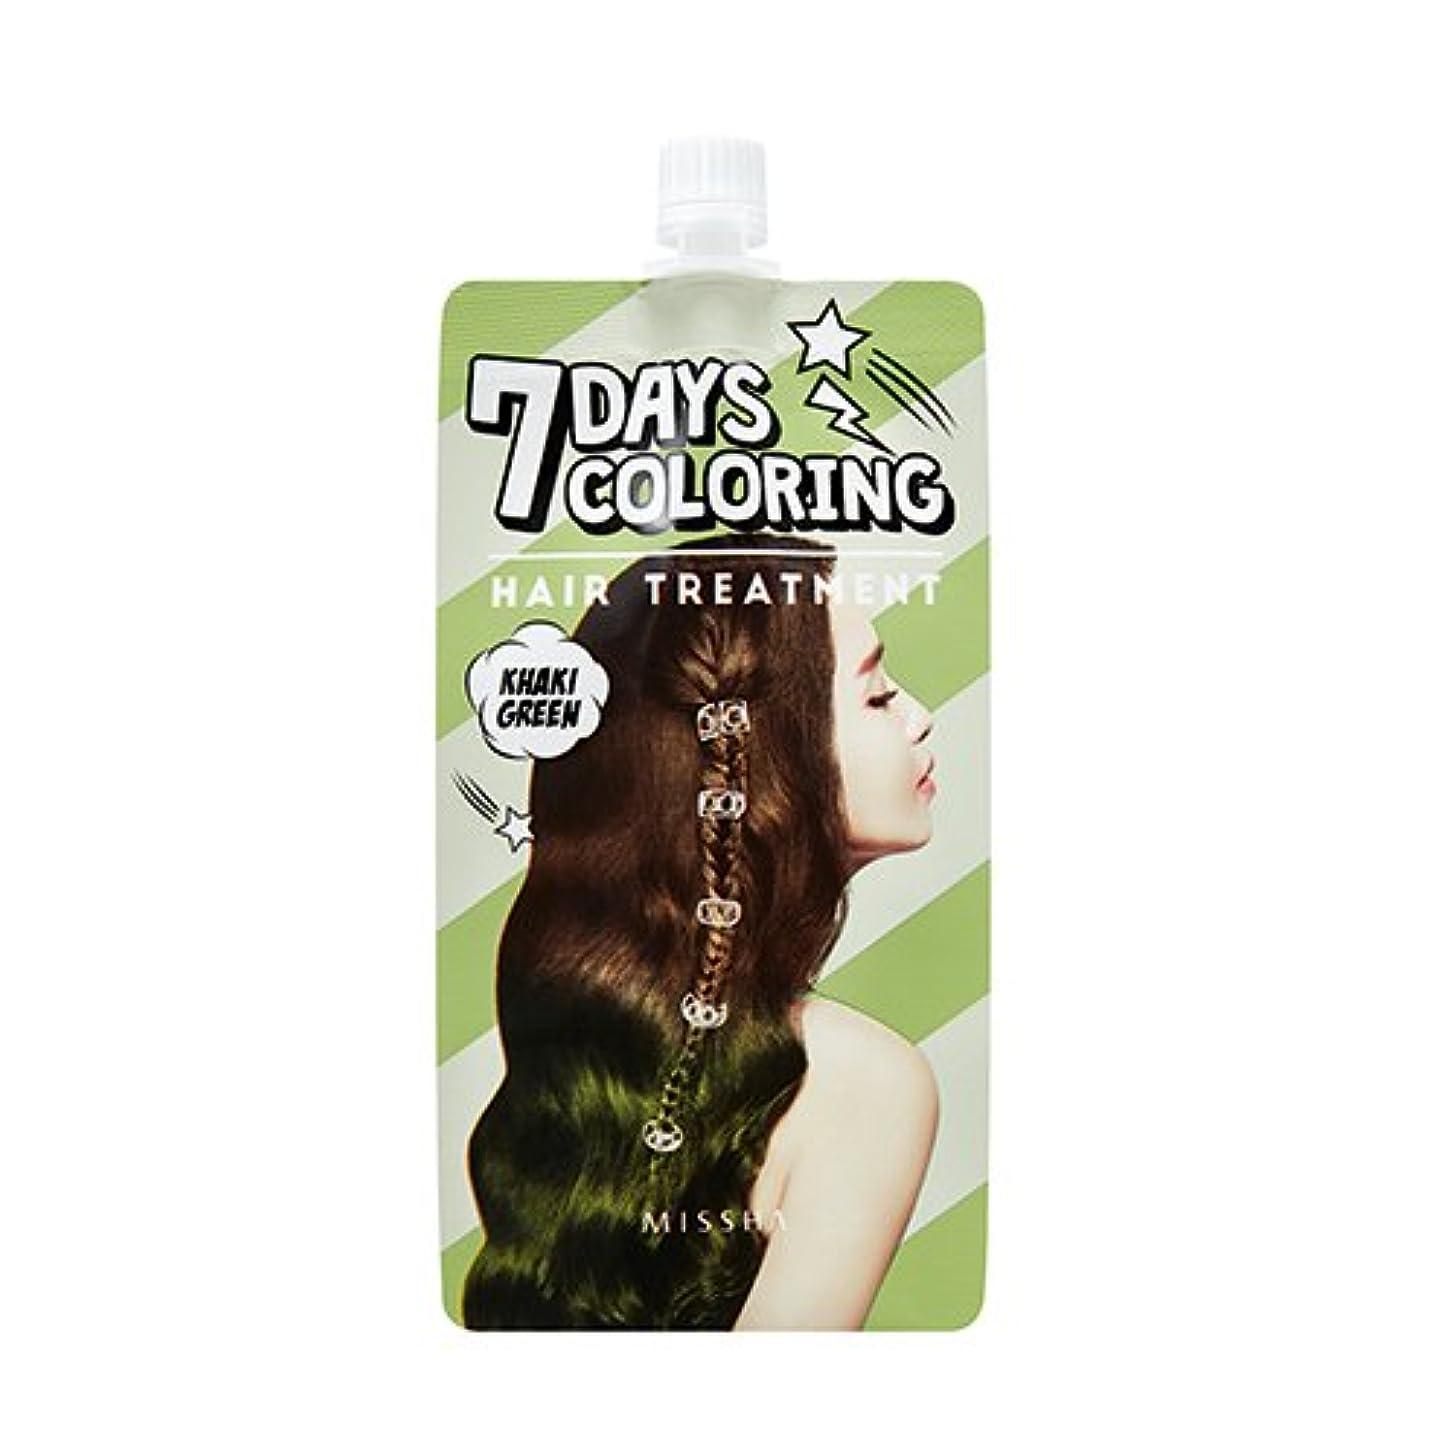 オークランドオーバーフロー光景MISSHA 7 Days Coloring Hair Treatment 25ml/ミシャ 7デイズ カラーリング ヘア トリートメント 25ml (#Khaki Green) [並行輸入品]